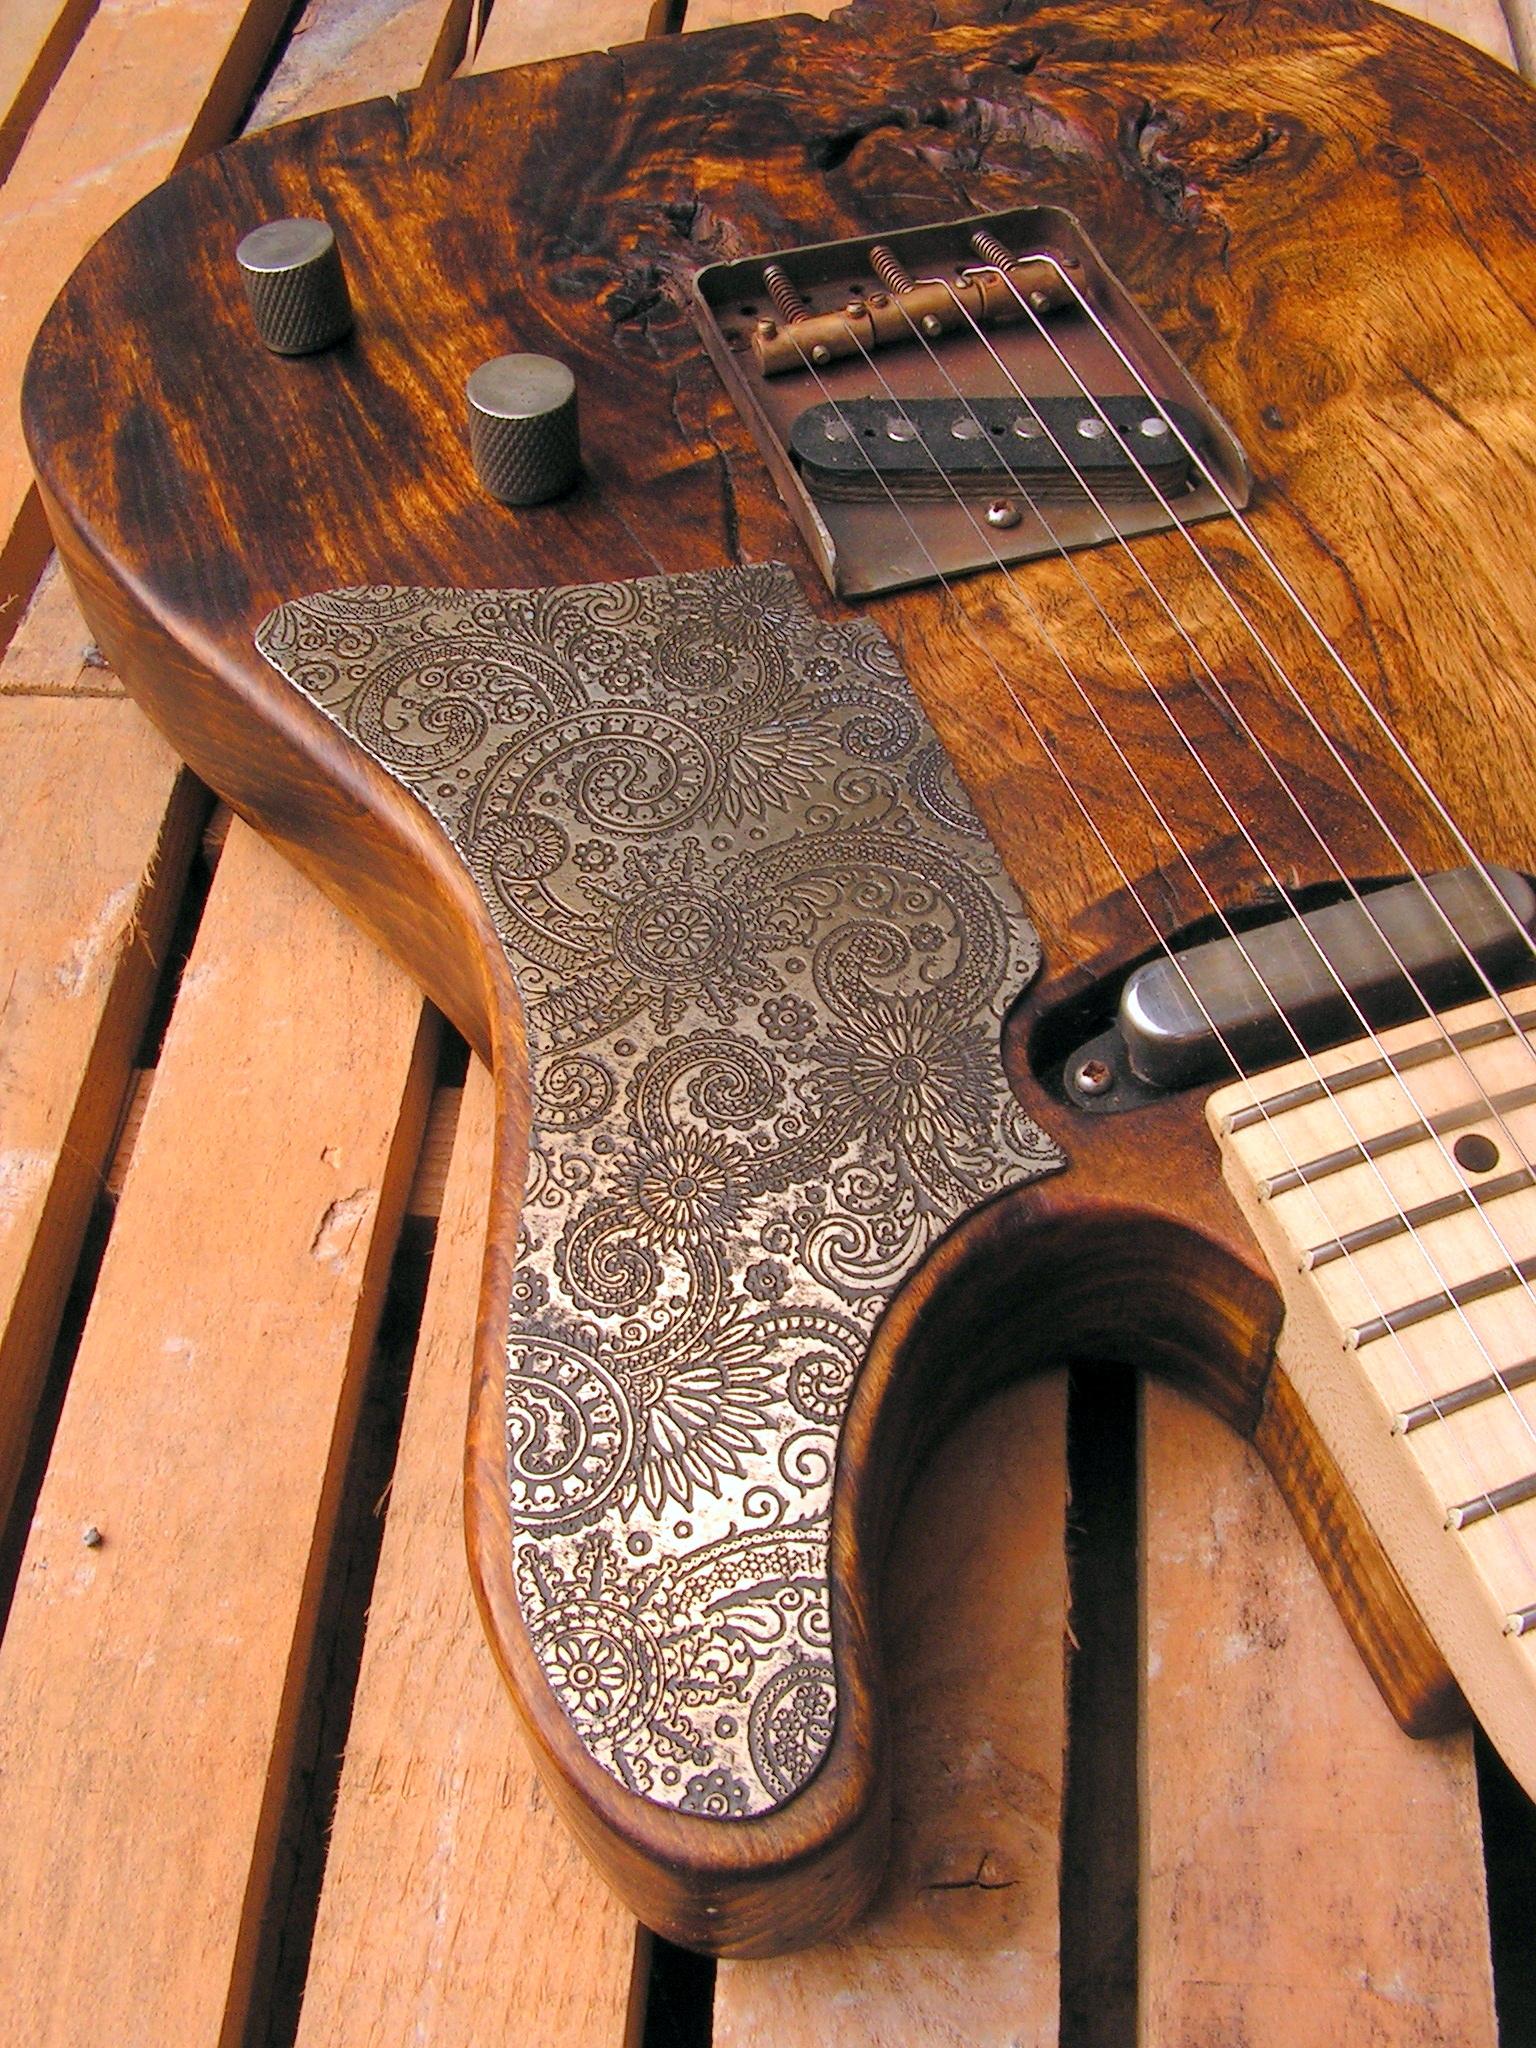 Battipenna inciso di una chitarra elettrica Telecaster in pioppo secolare